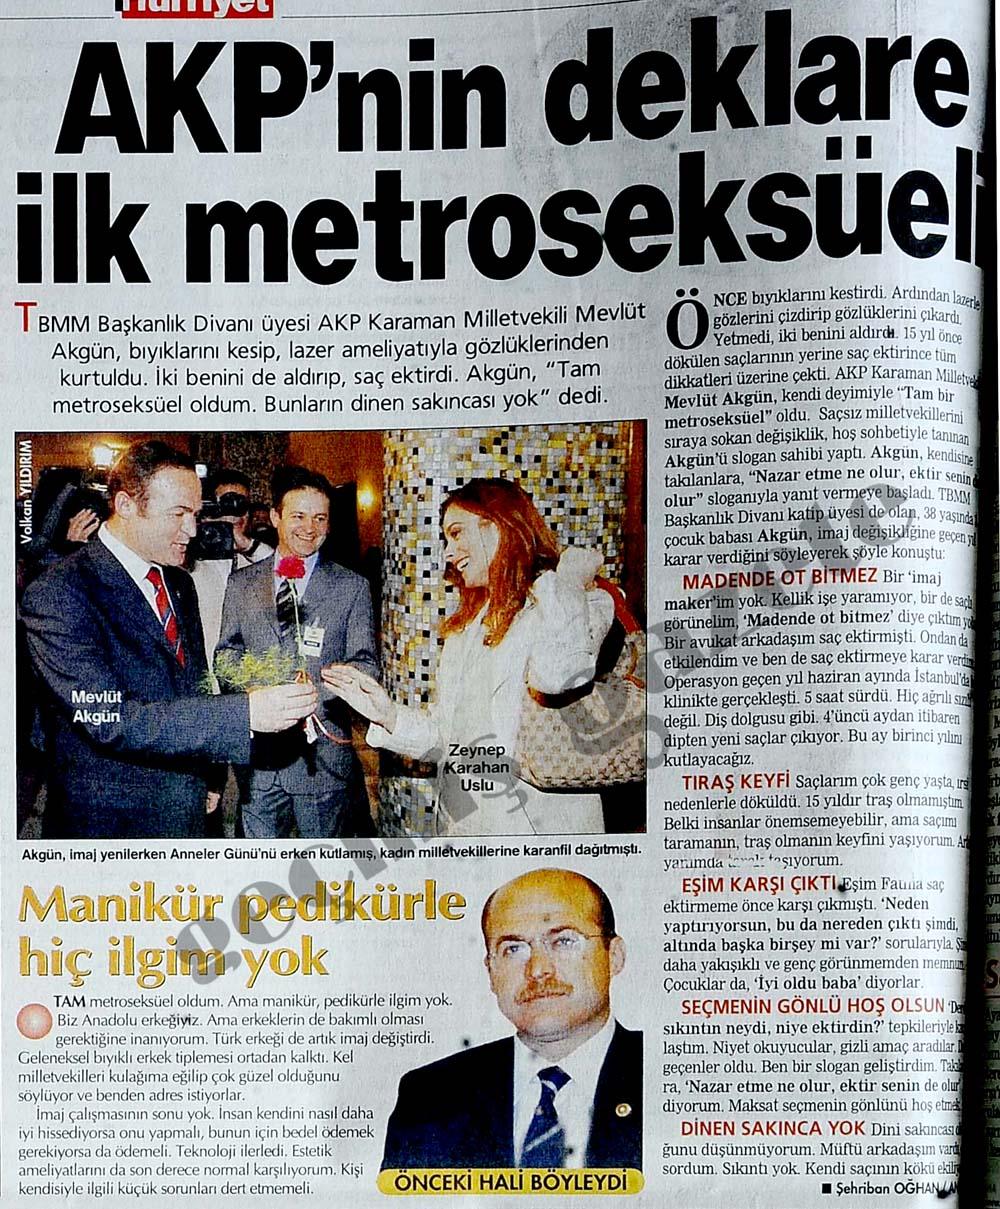 AKP'nin deklare ilk metroseksüeli